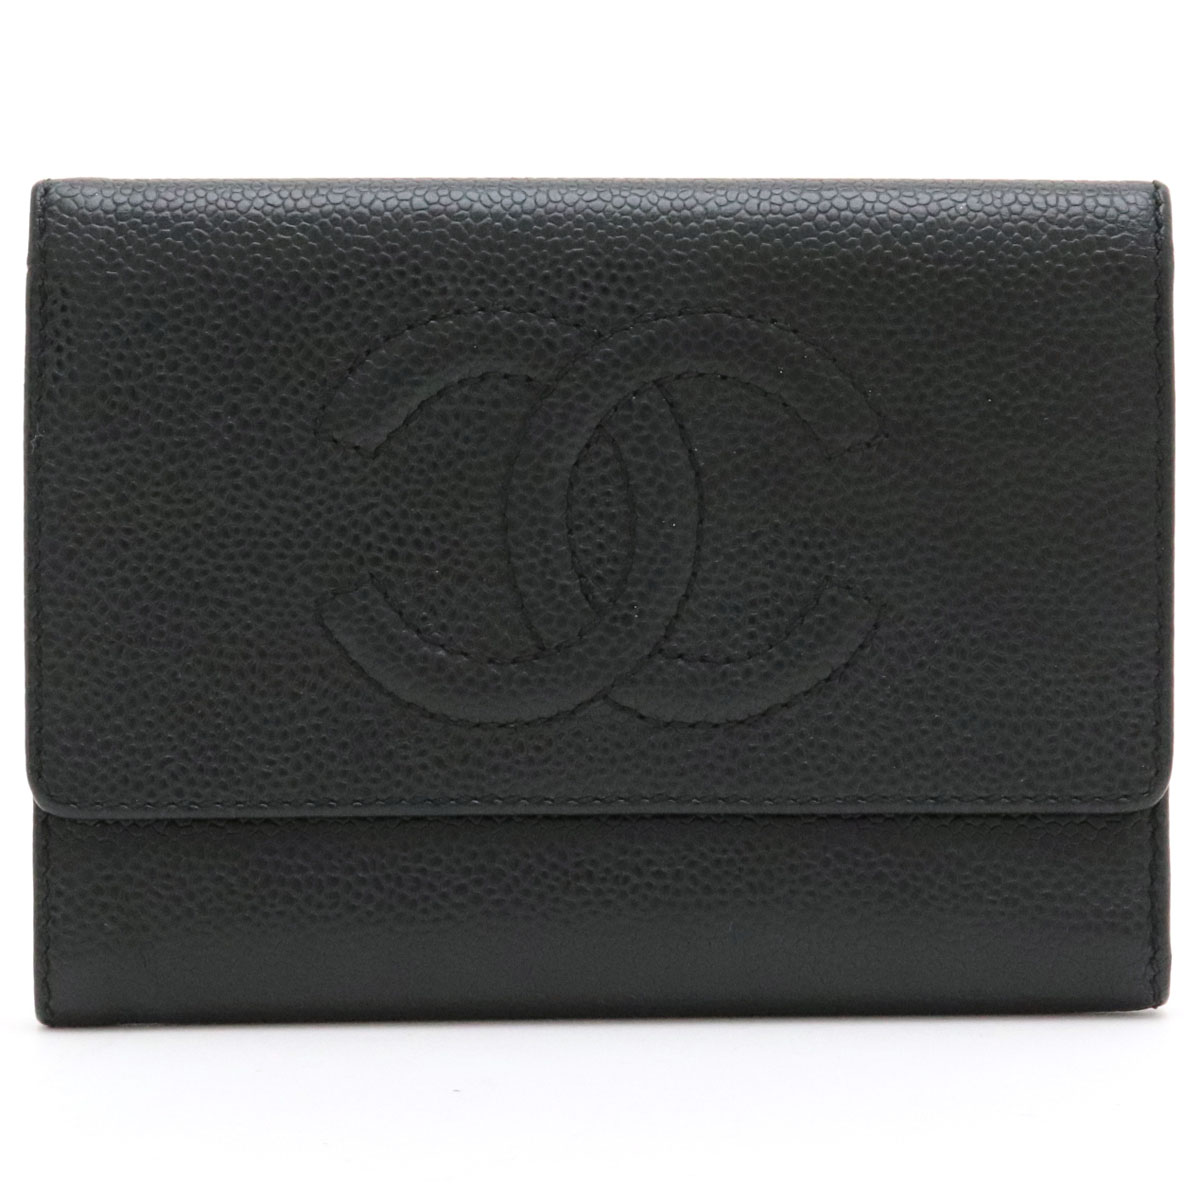 【財布】CHANEL シャネル キャビアスキン ココマーク 3つ折財布 三つ折り財布 型押しレザー ブラック 黒 ゴールド金具 【中古】